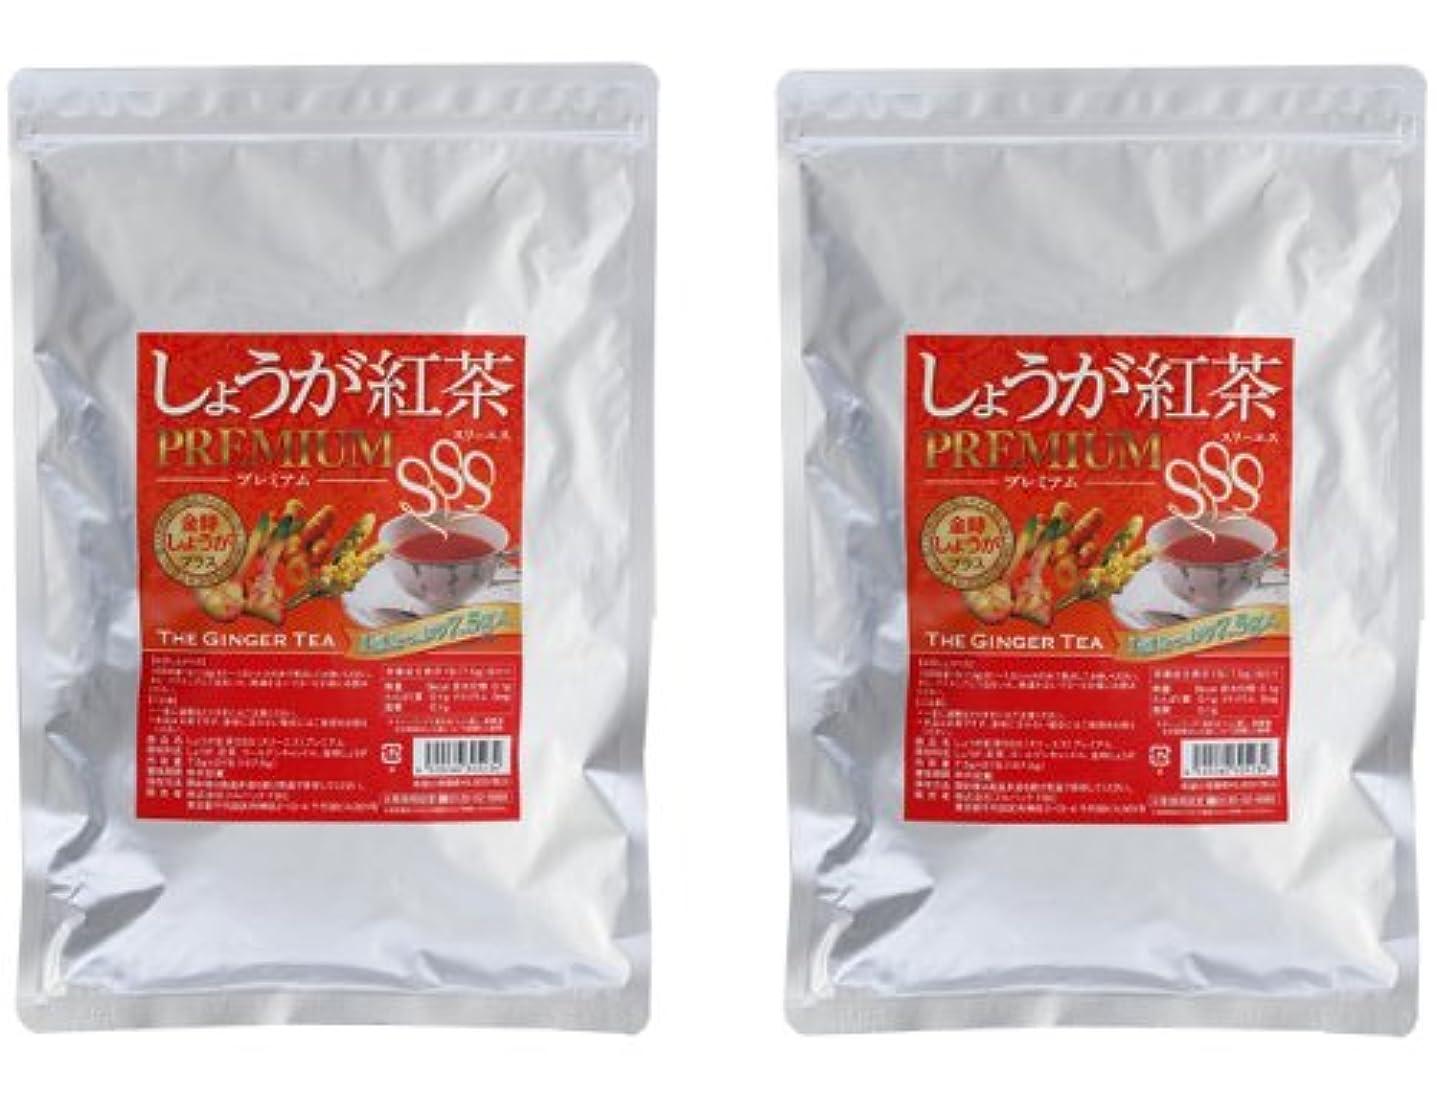 地上で憂慮すべきによるとしょうが紅茶プレミアムSSS 2個セット(金時生姜紅茶ダイエットティー)